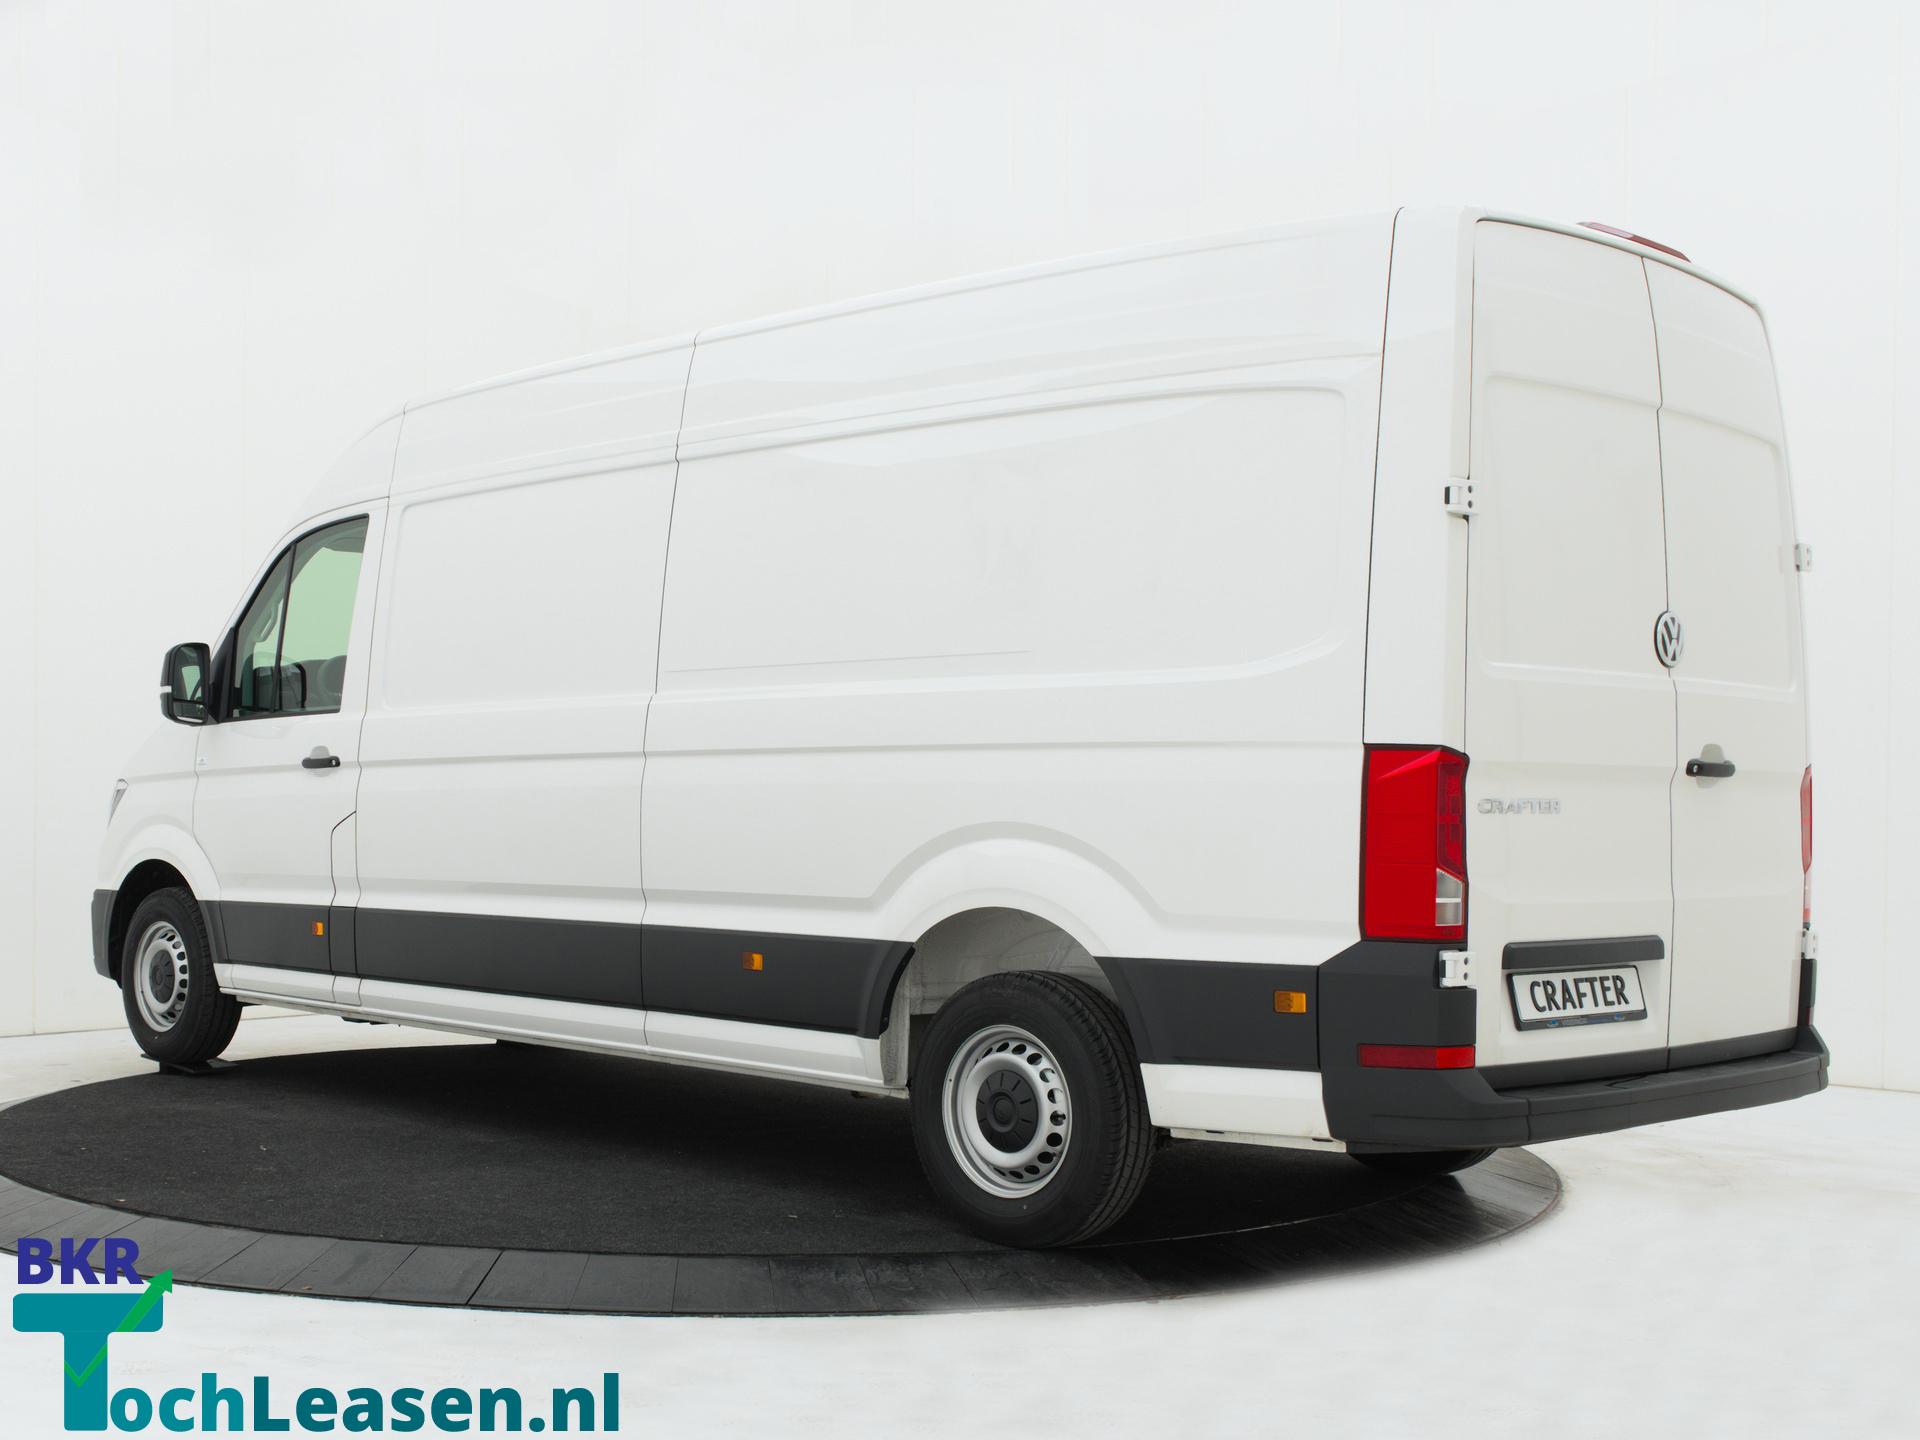 BkrTochLeasen.nl - Witte Volkswagen Crafter 6